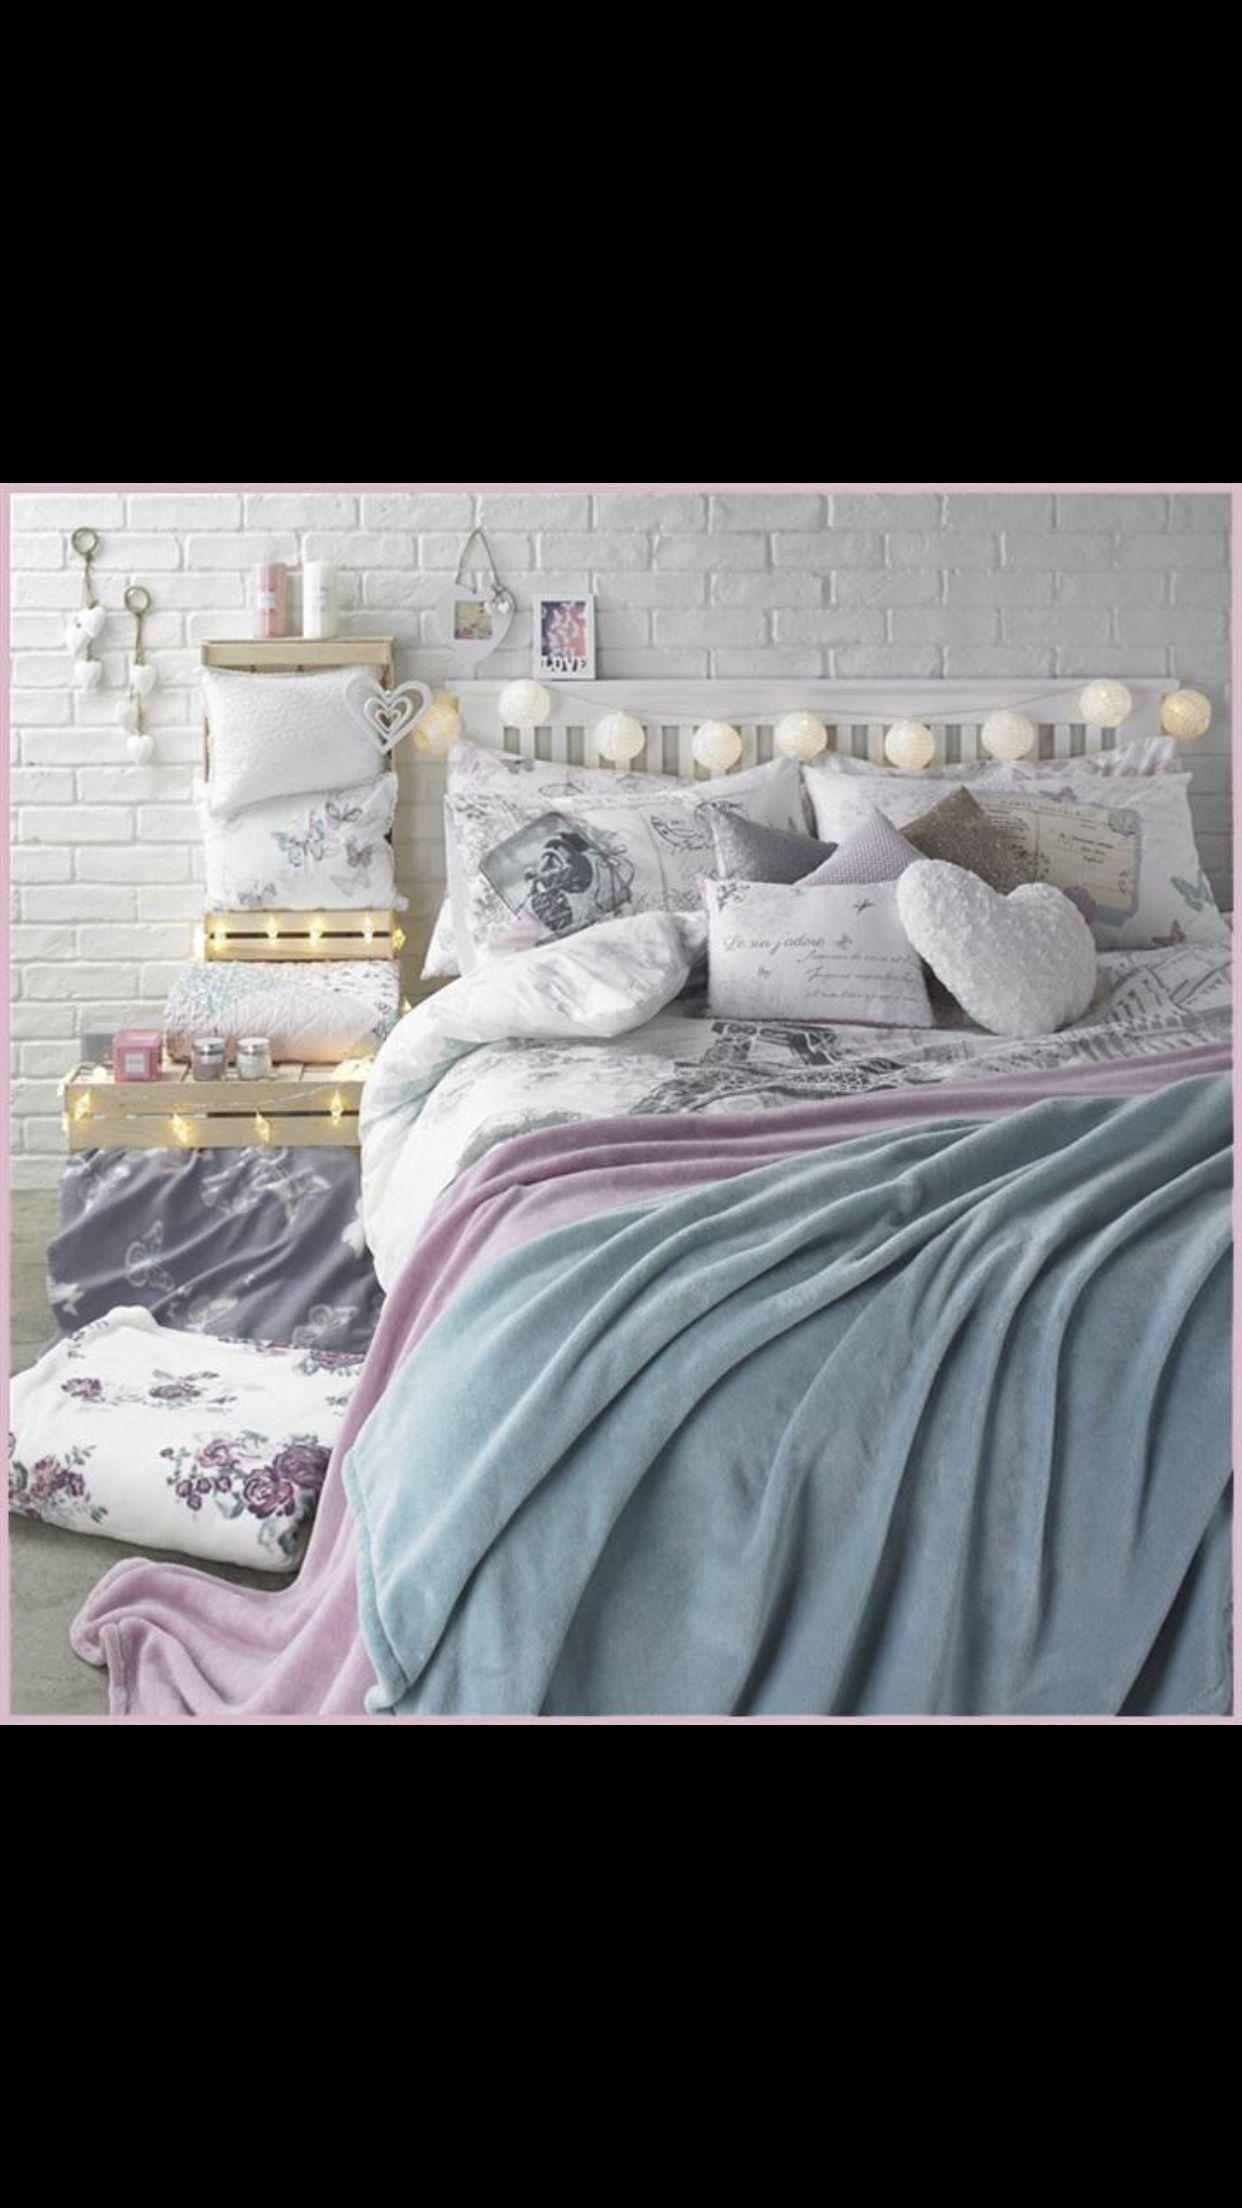 Ropa De Cama Primark Con Imagenes Dormitorios Decoracion De Unas Decoraciones De Casa